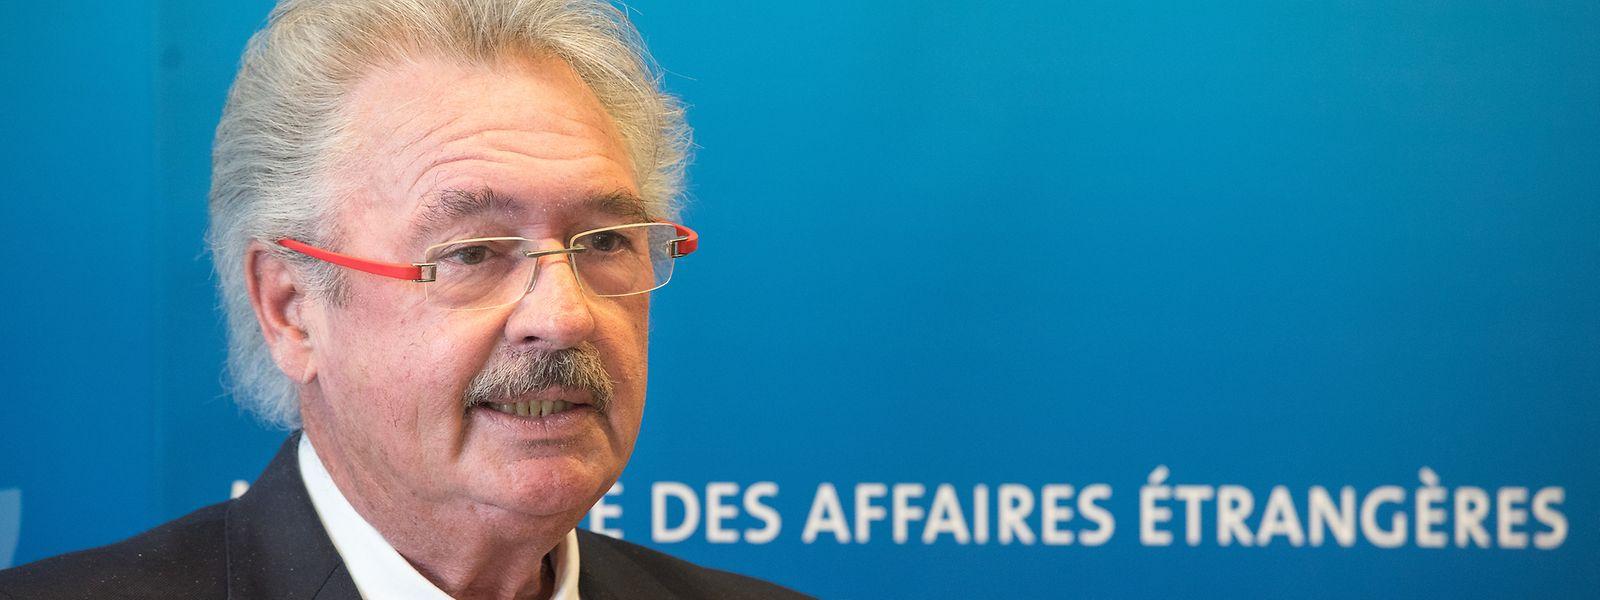 Jean Asselborn warnt vor dem Zusammenbruch des Schengen-Systems.